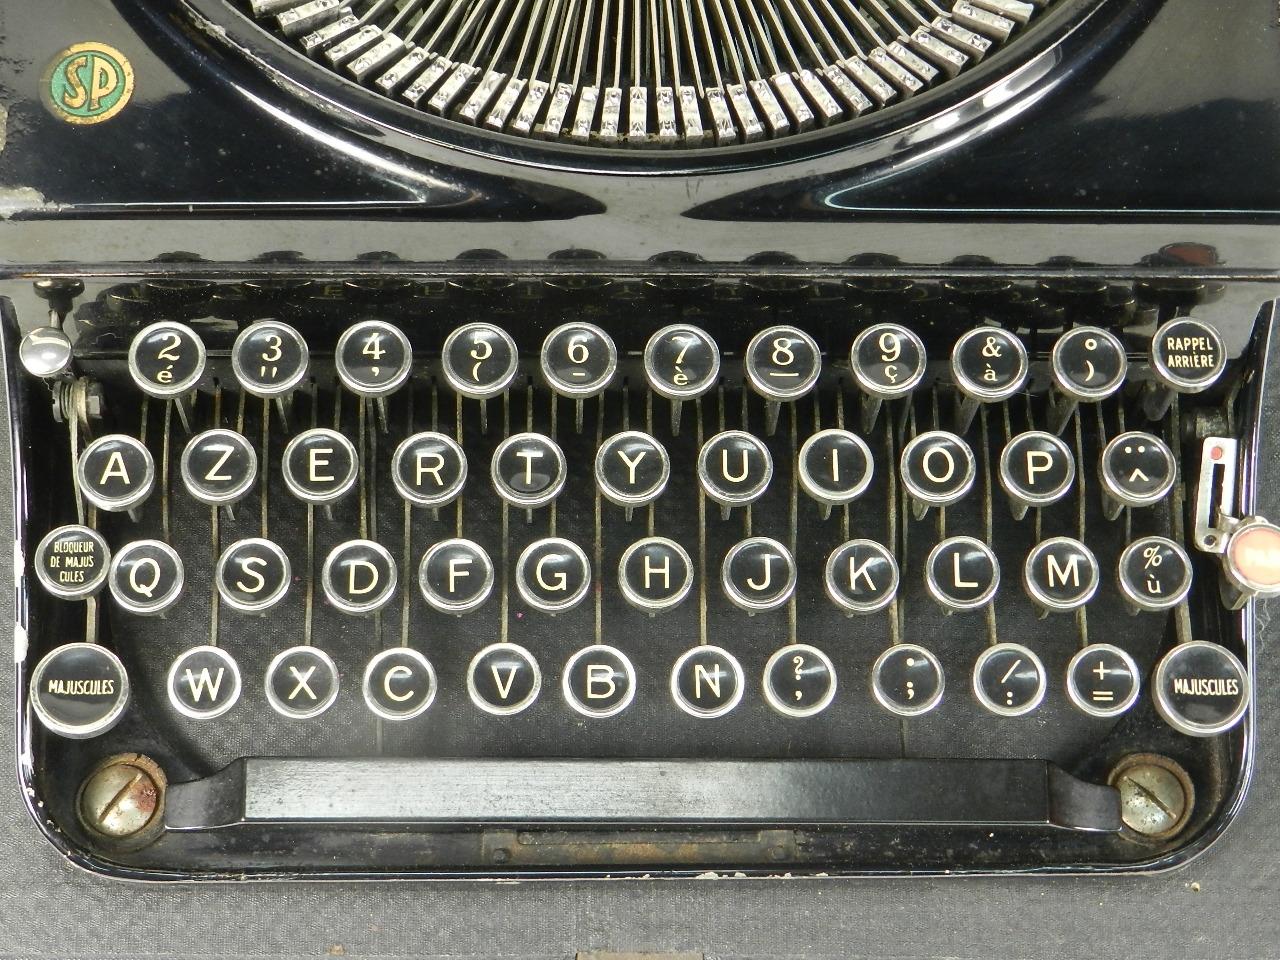 Imagen SMITH PREMIER MODEL 35 AÑO 1935 30477